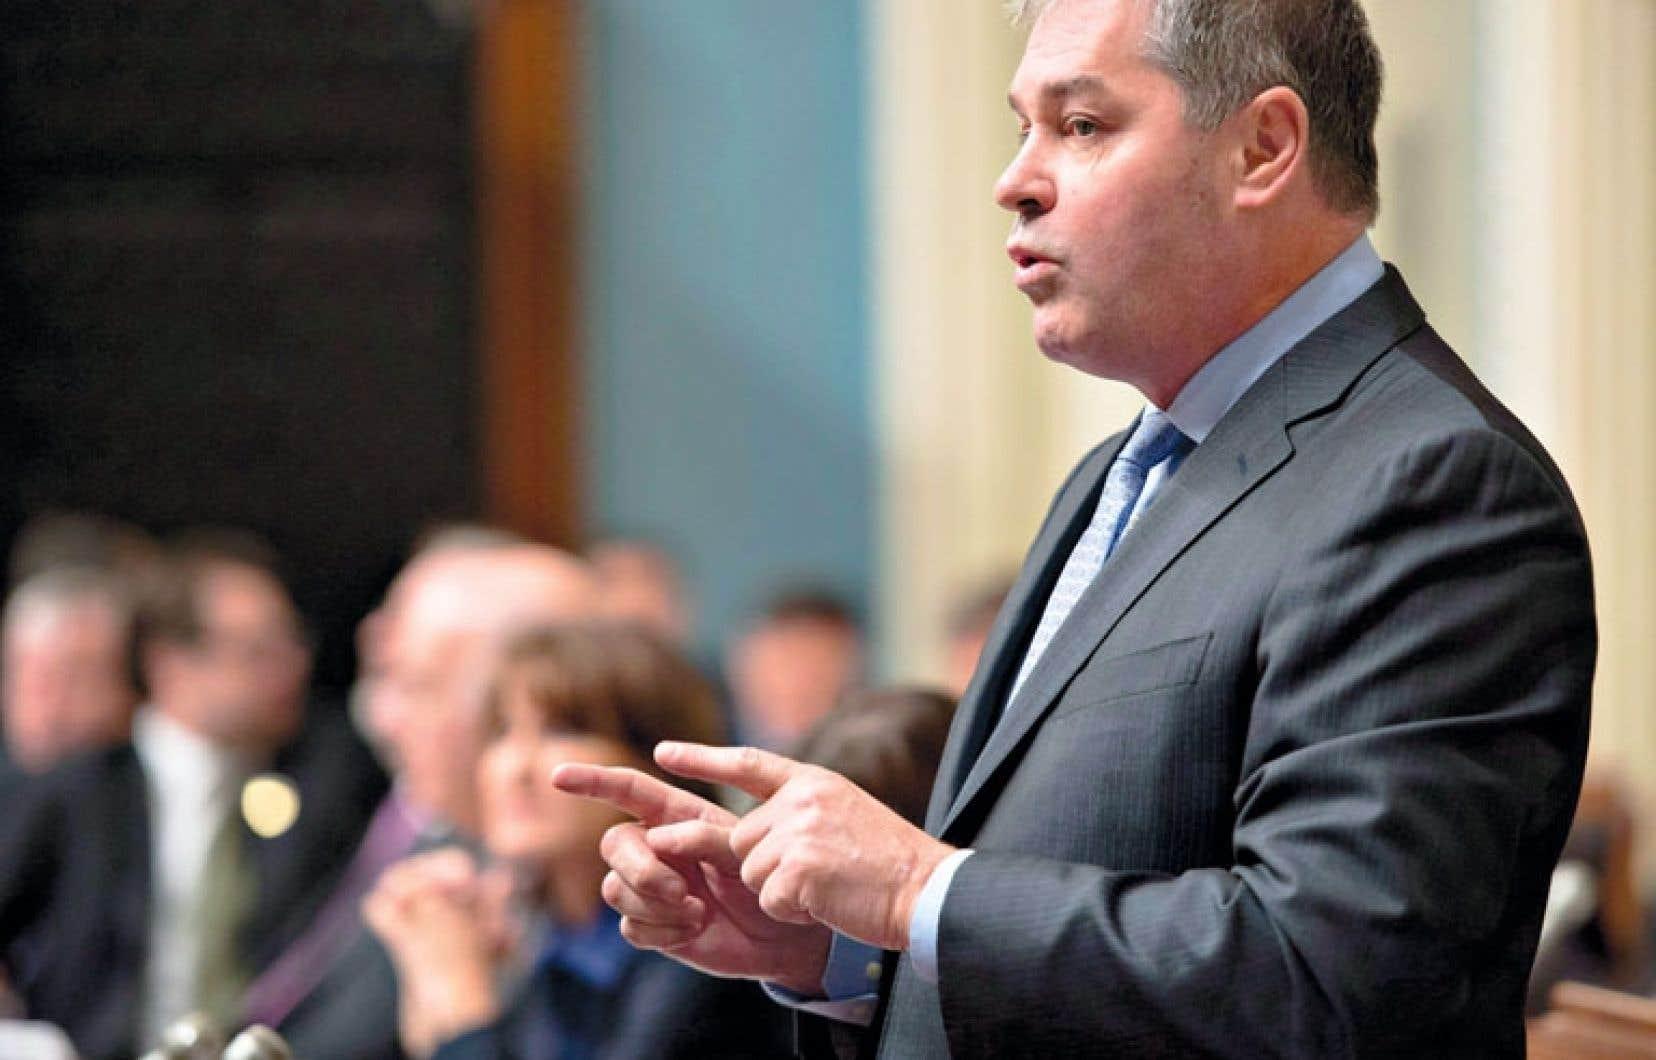 Le ministre Yves Bolduc indique qu'il s'attend à des hausses «raisonnables», mais n'en précise pas les limites.